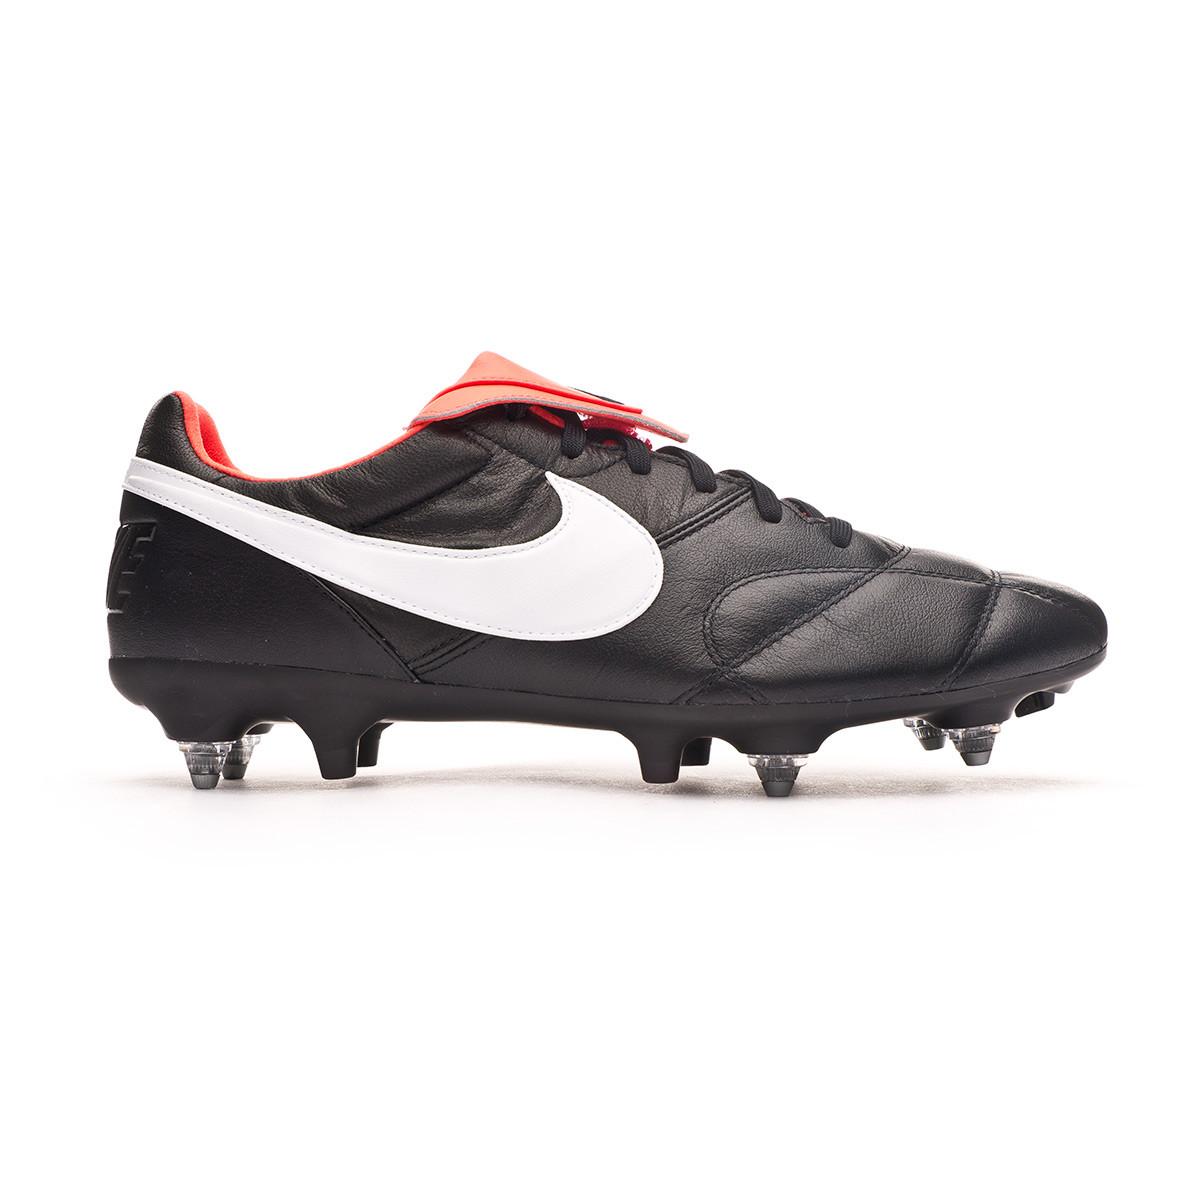 la seguridad Alpinista Multiplicación  Football Boots Nike Tiempo Premier II SG-PRO Anti-Clog Traction  Black-White-Bright crimson - Football store Fútbol Emotion